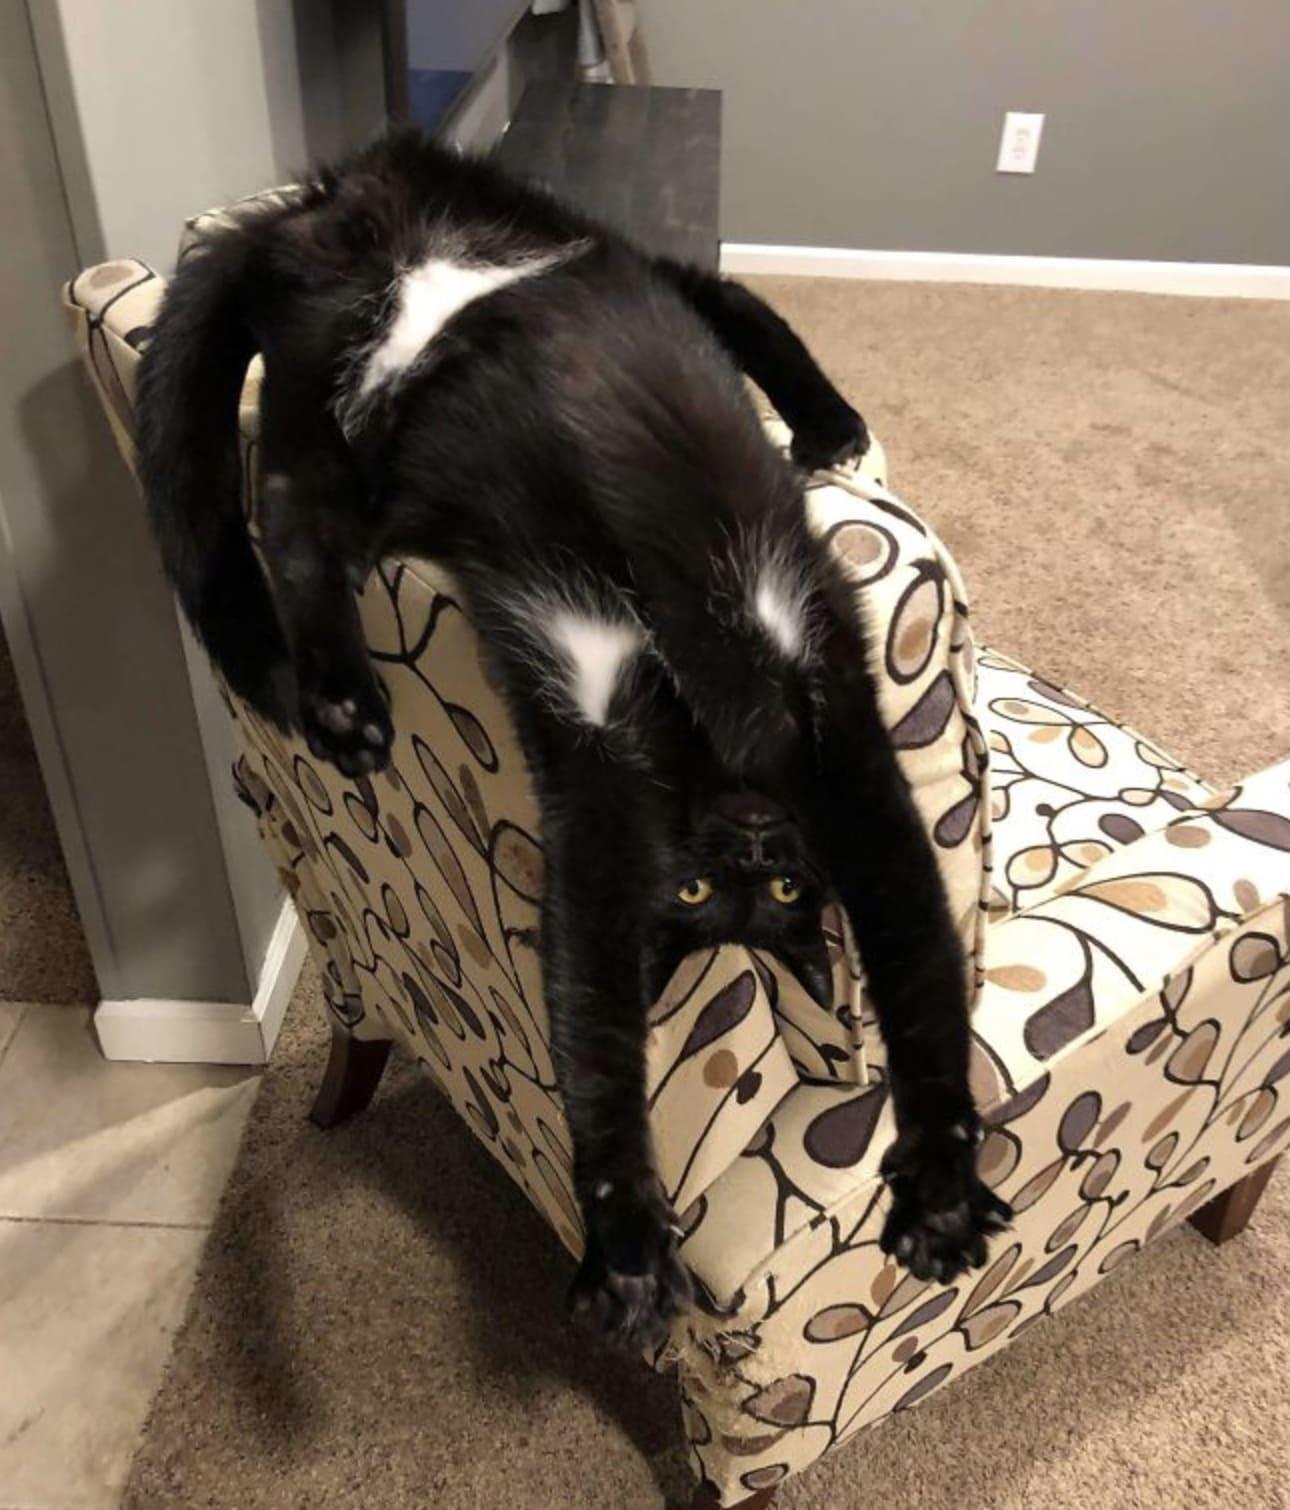 Gato pendurado de uma cadeira.